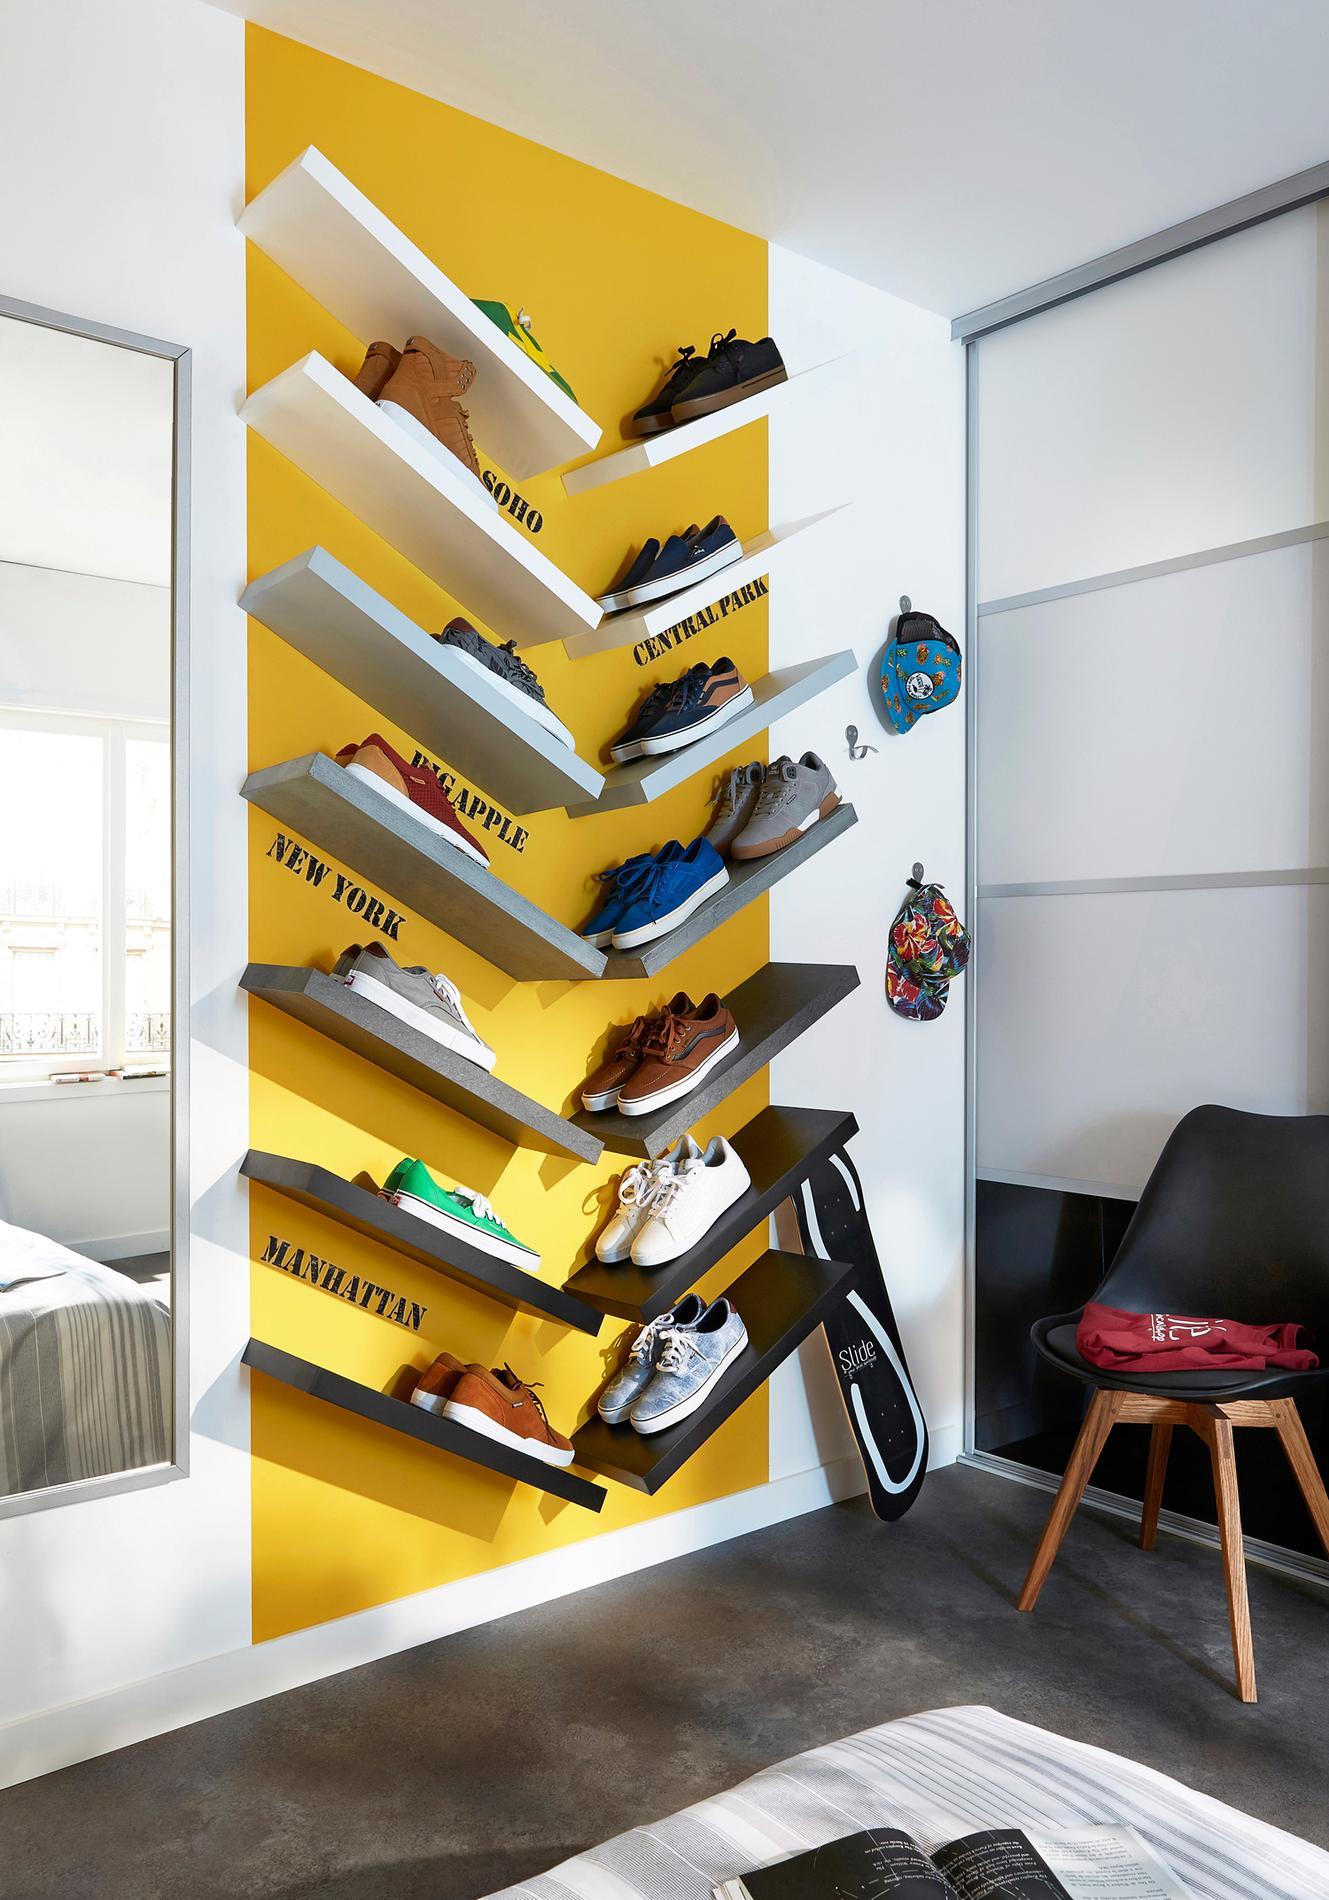 Comment Ranger Ses Chaussures comment ranger 60 paires de chaussures dans un deux-pi�ces